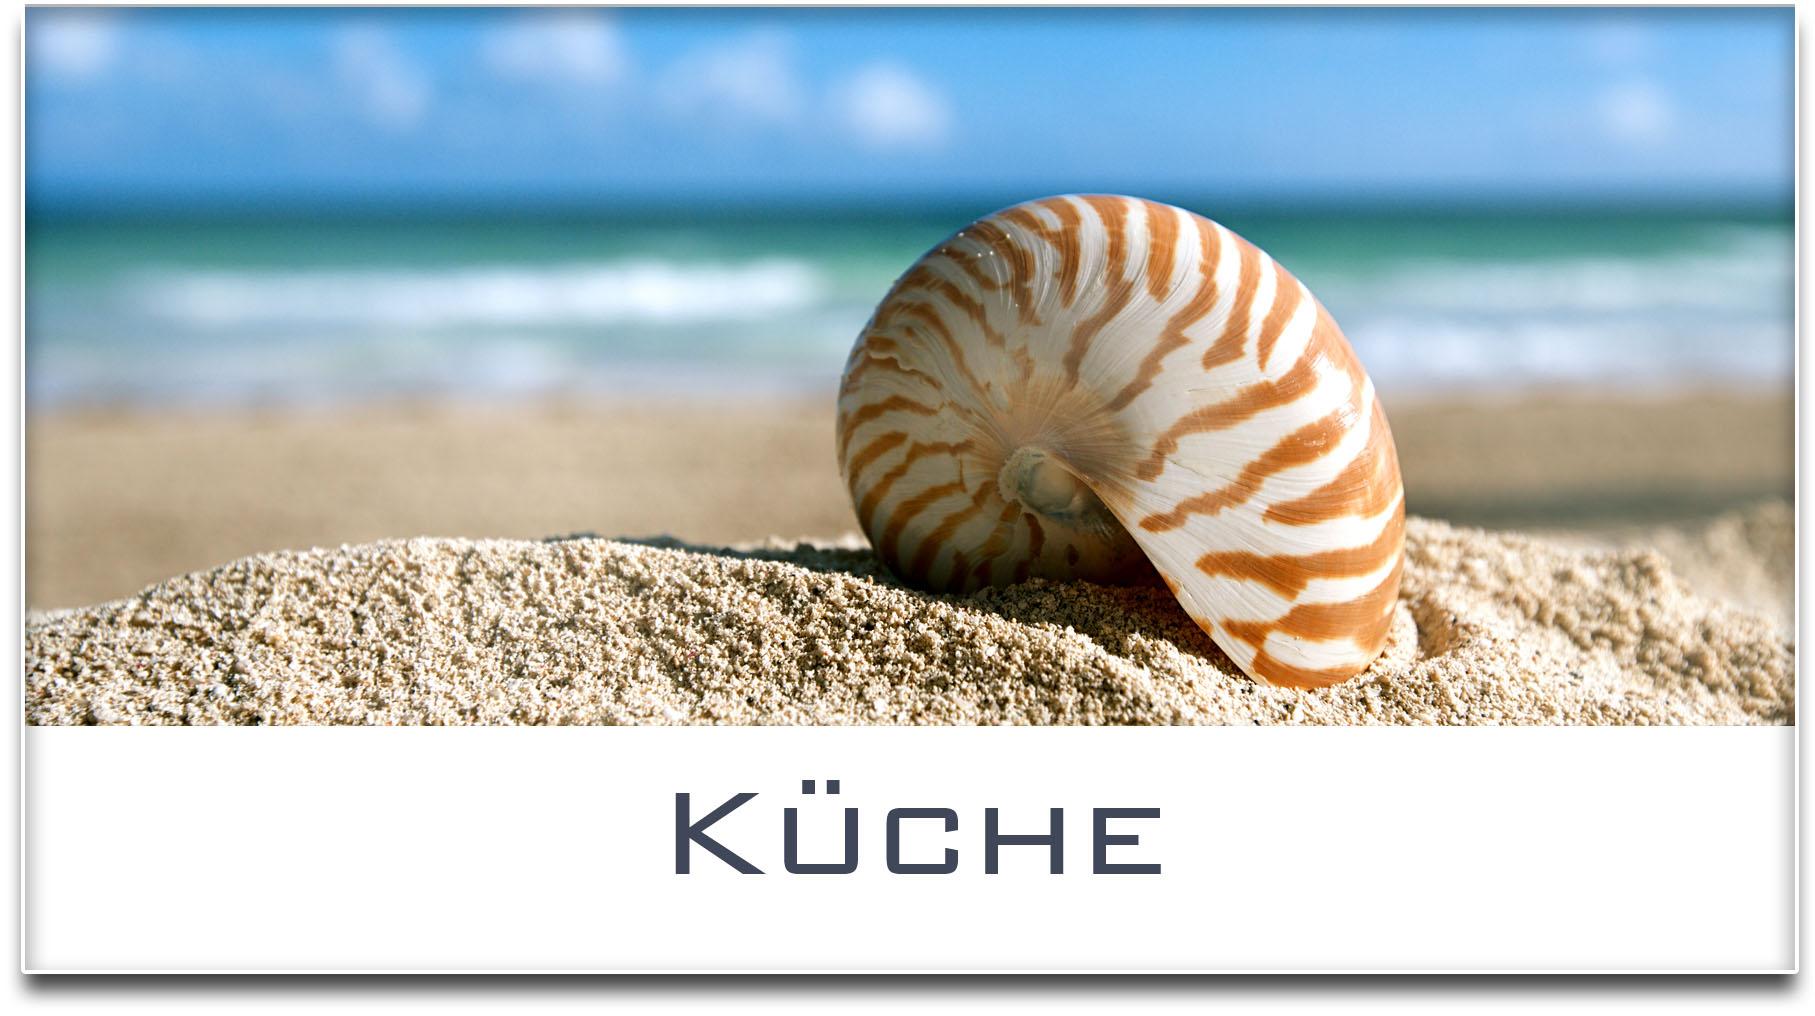 Türschild / Haustürschild / Muschel / Strand / Küche / Selbstklebend